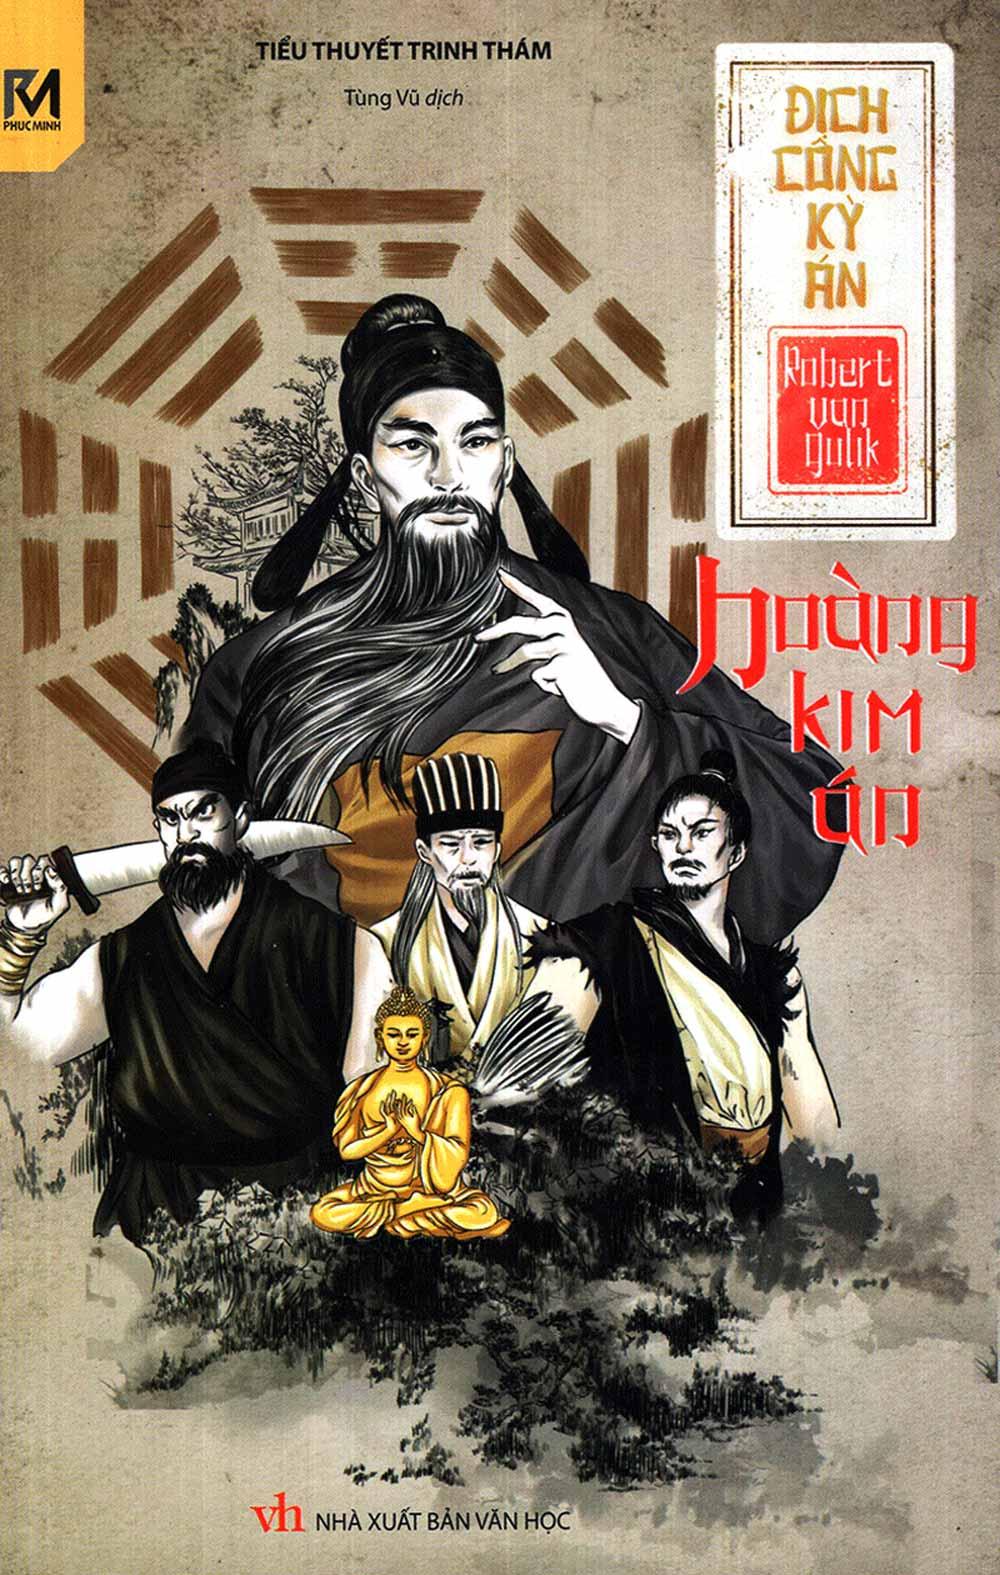 Series Địch Công Kì Án Tập 1: Hoàng Kim Án